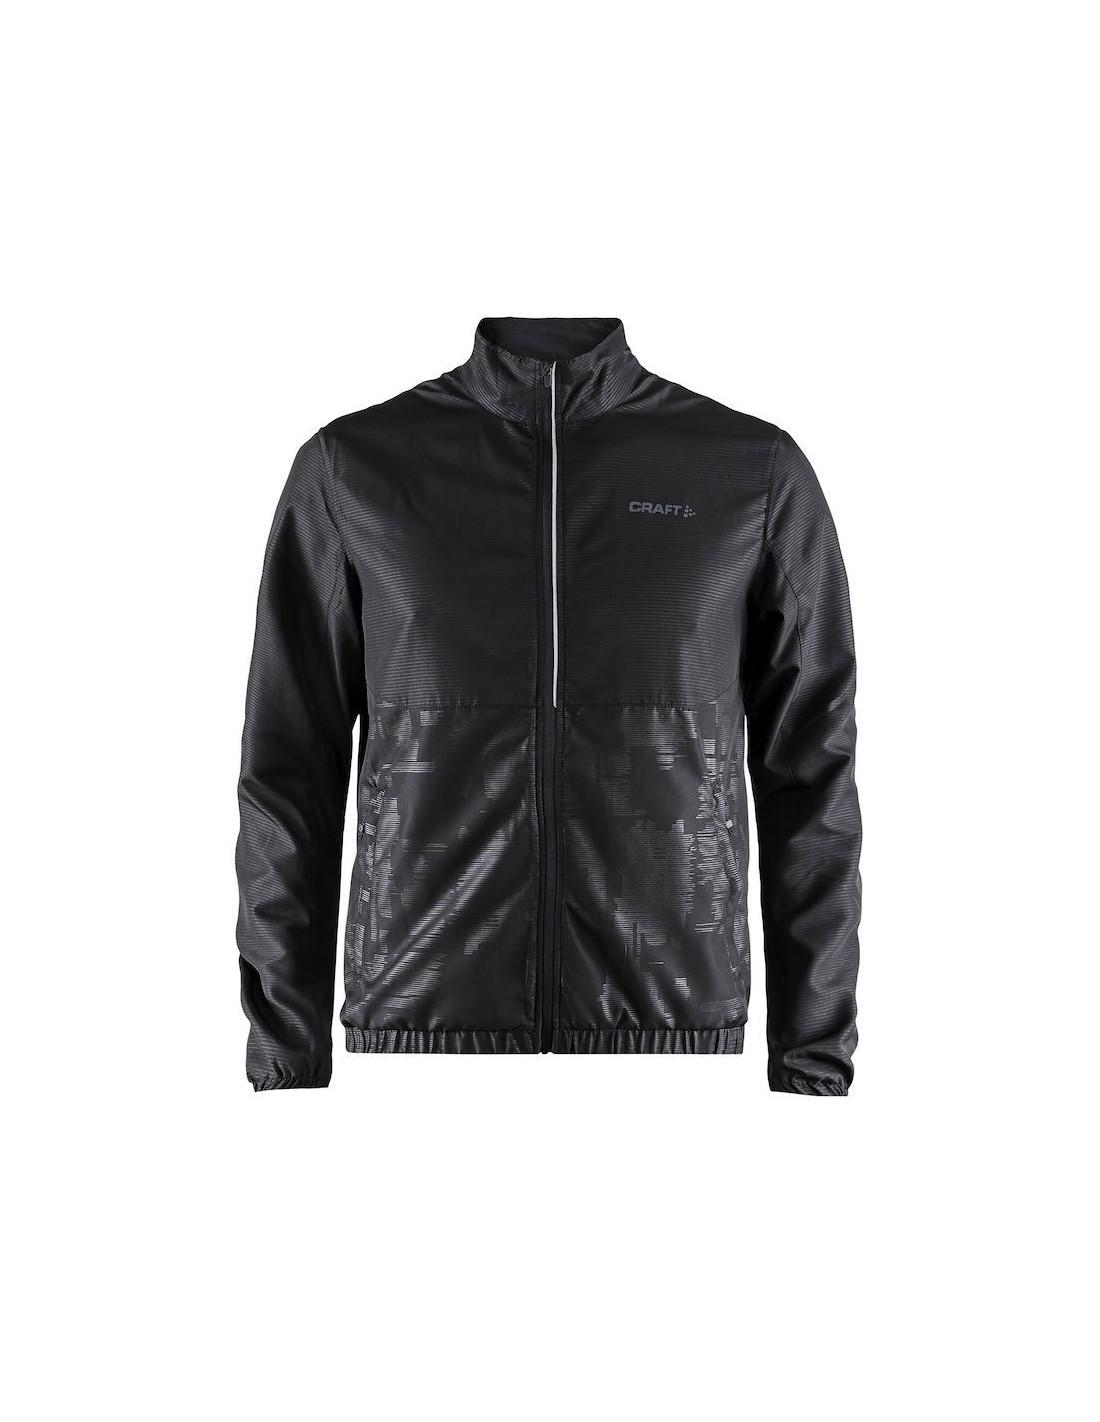 f472307013e9b Kurtka sportowa męska Craft Eaze Jacket czarna - STSklep